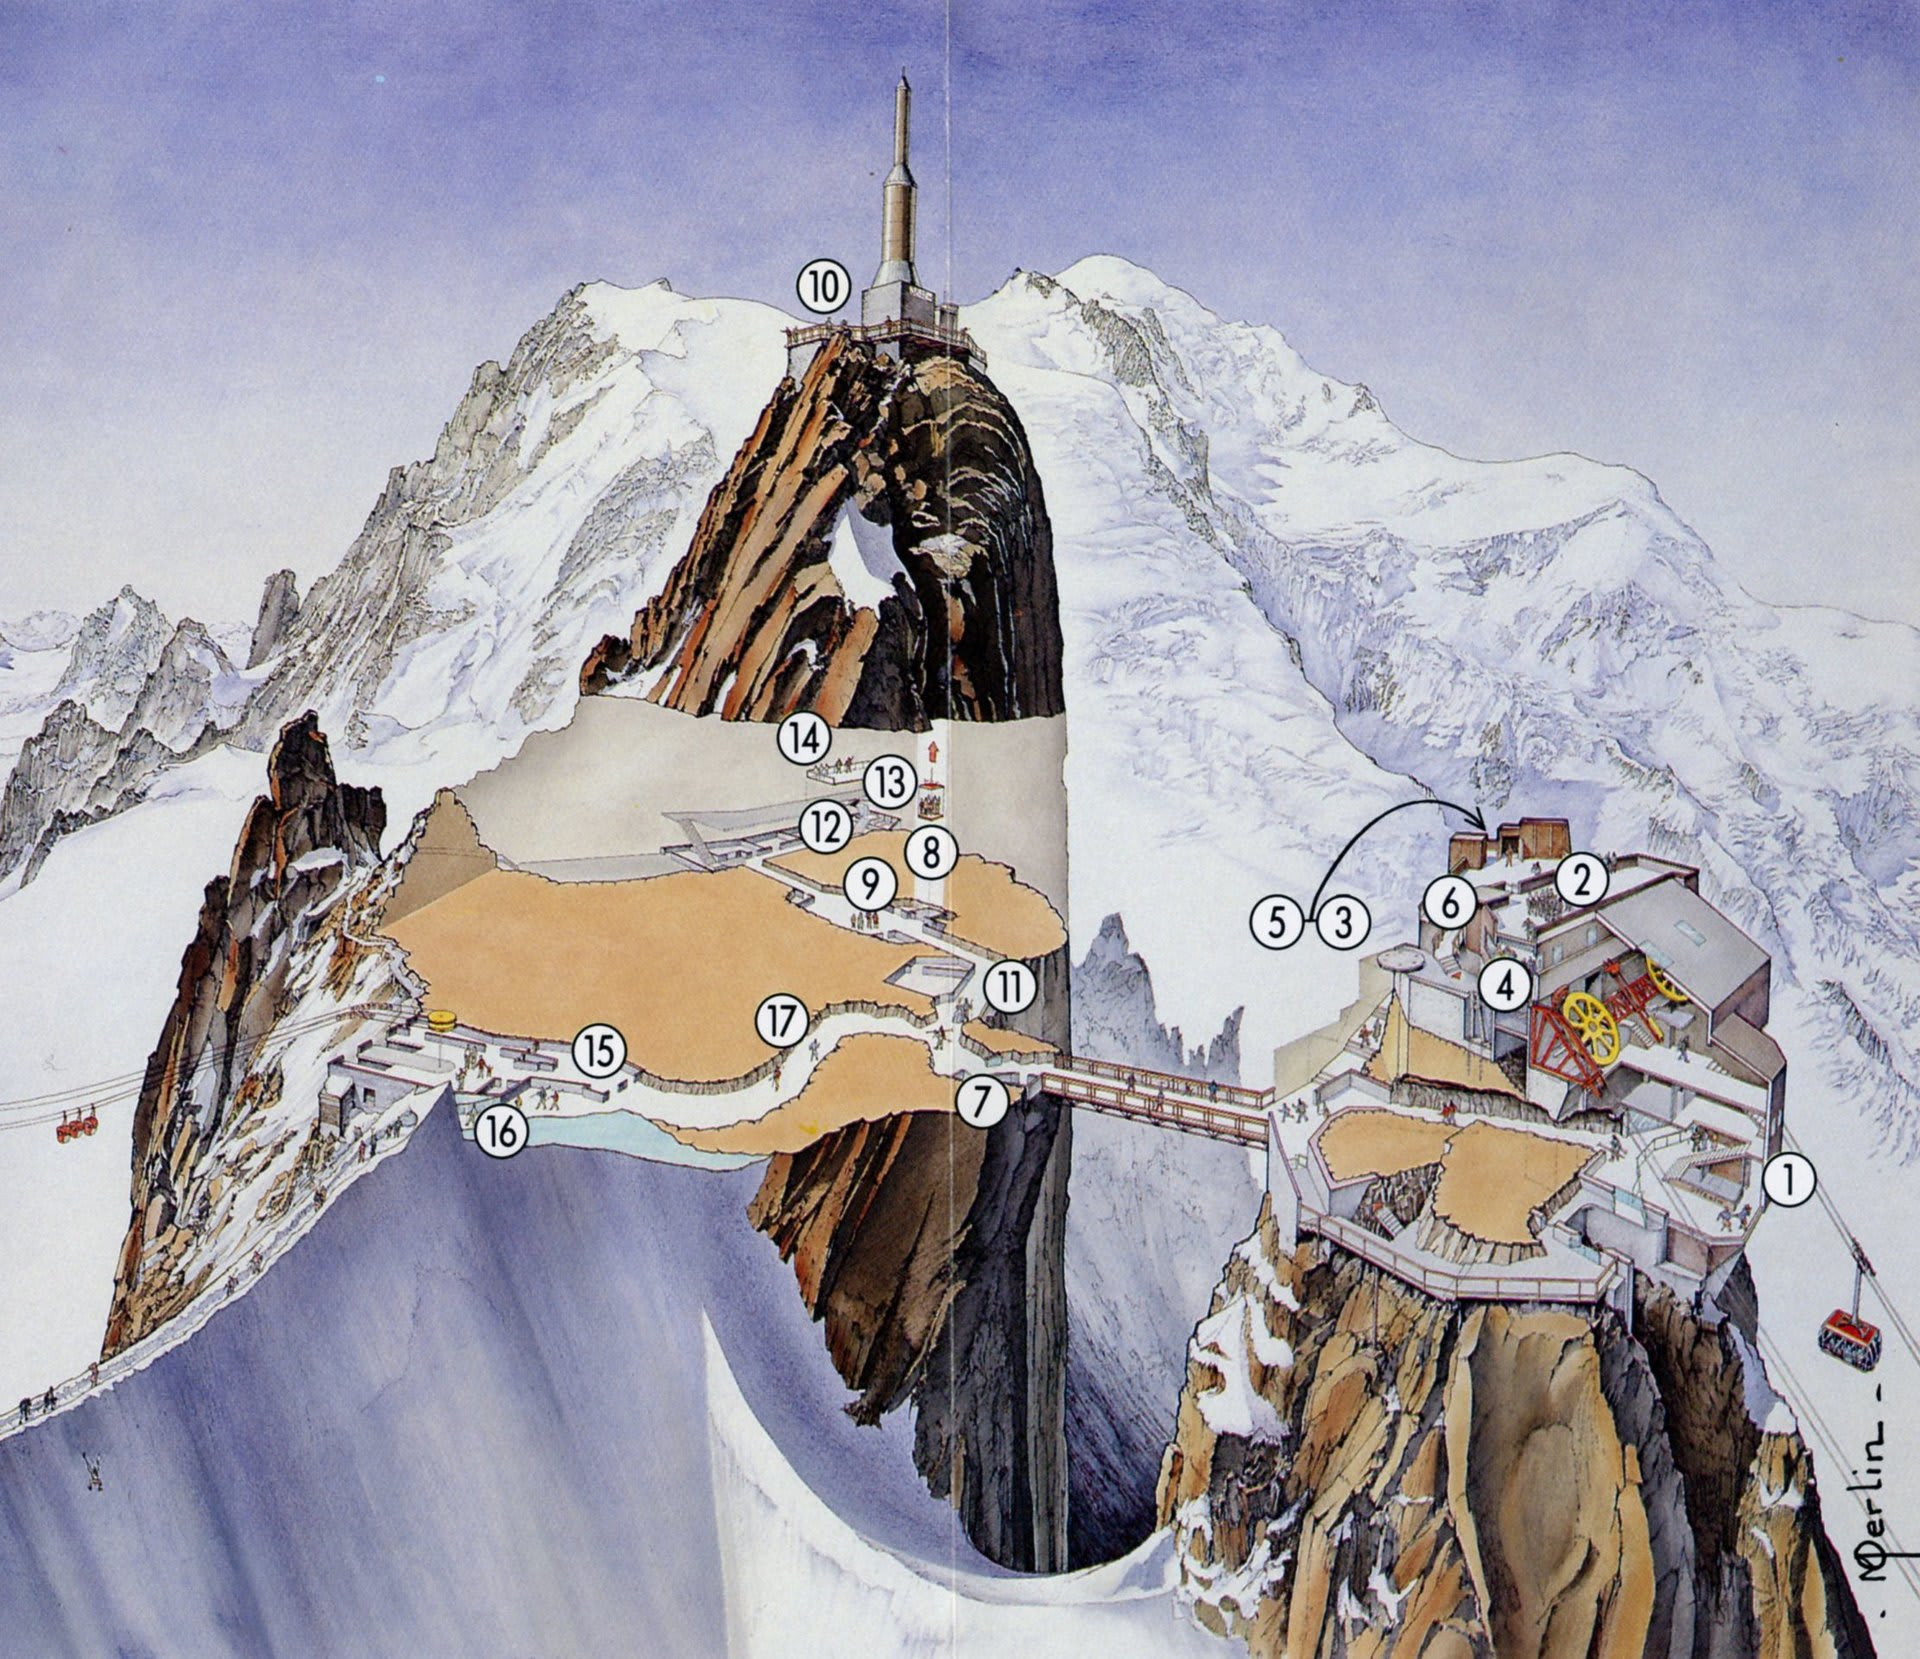 「エギーユ・デュ・ミディ展望台の構造」の画像検索結果